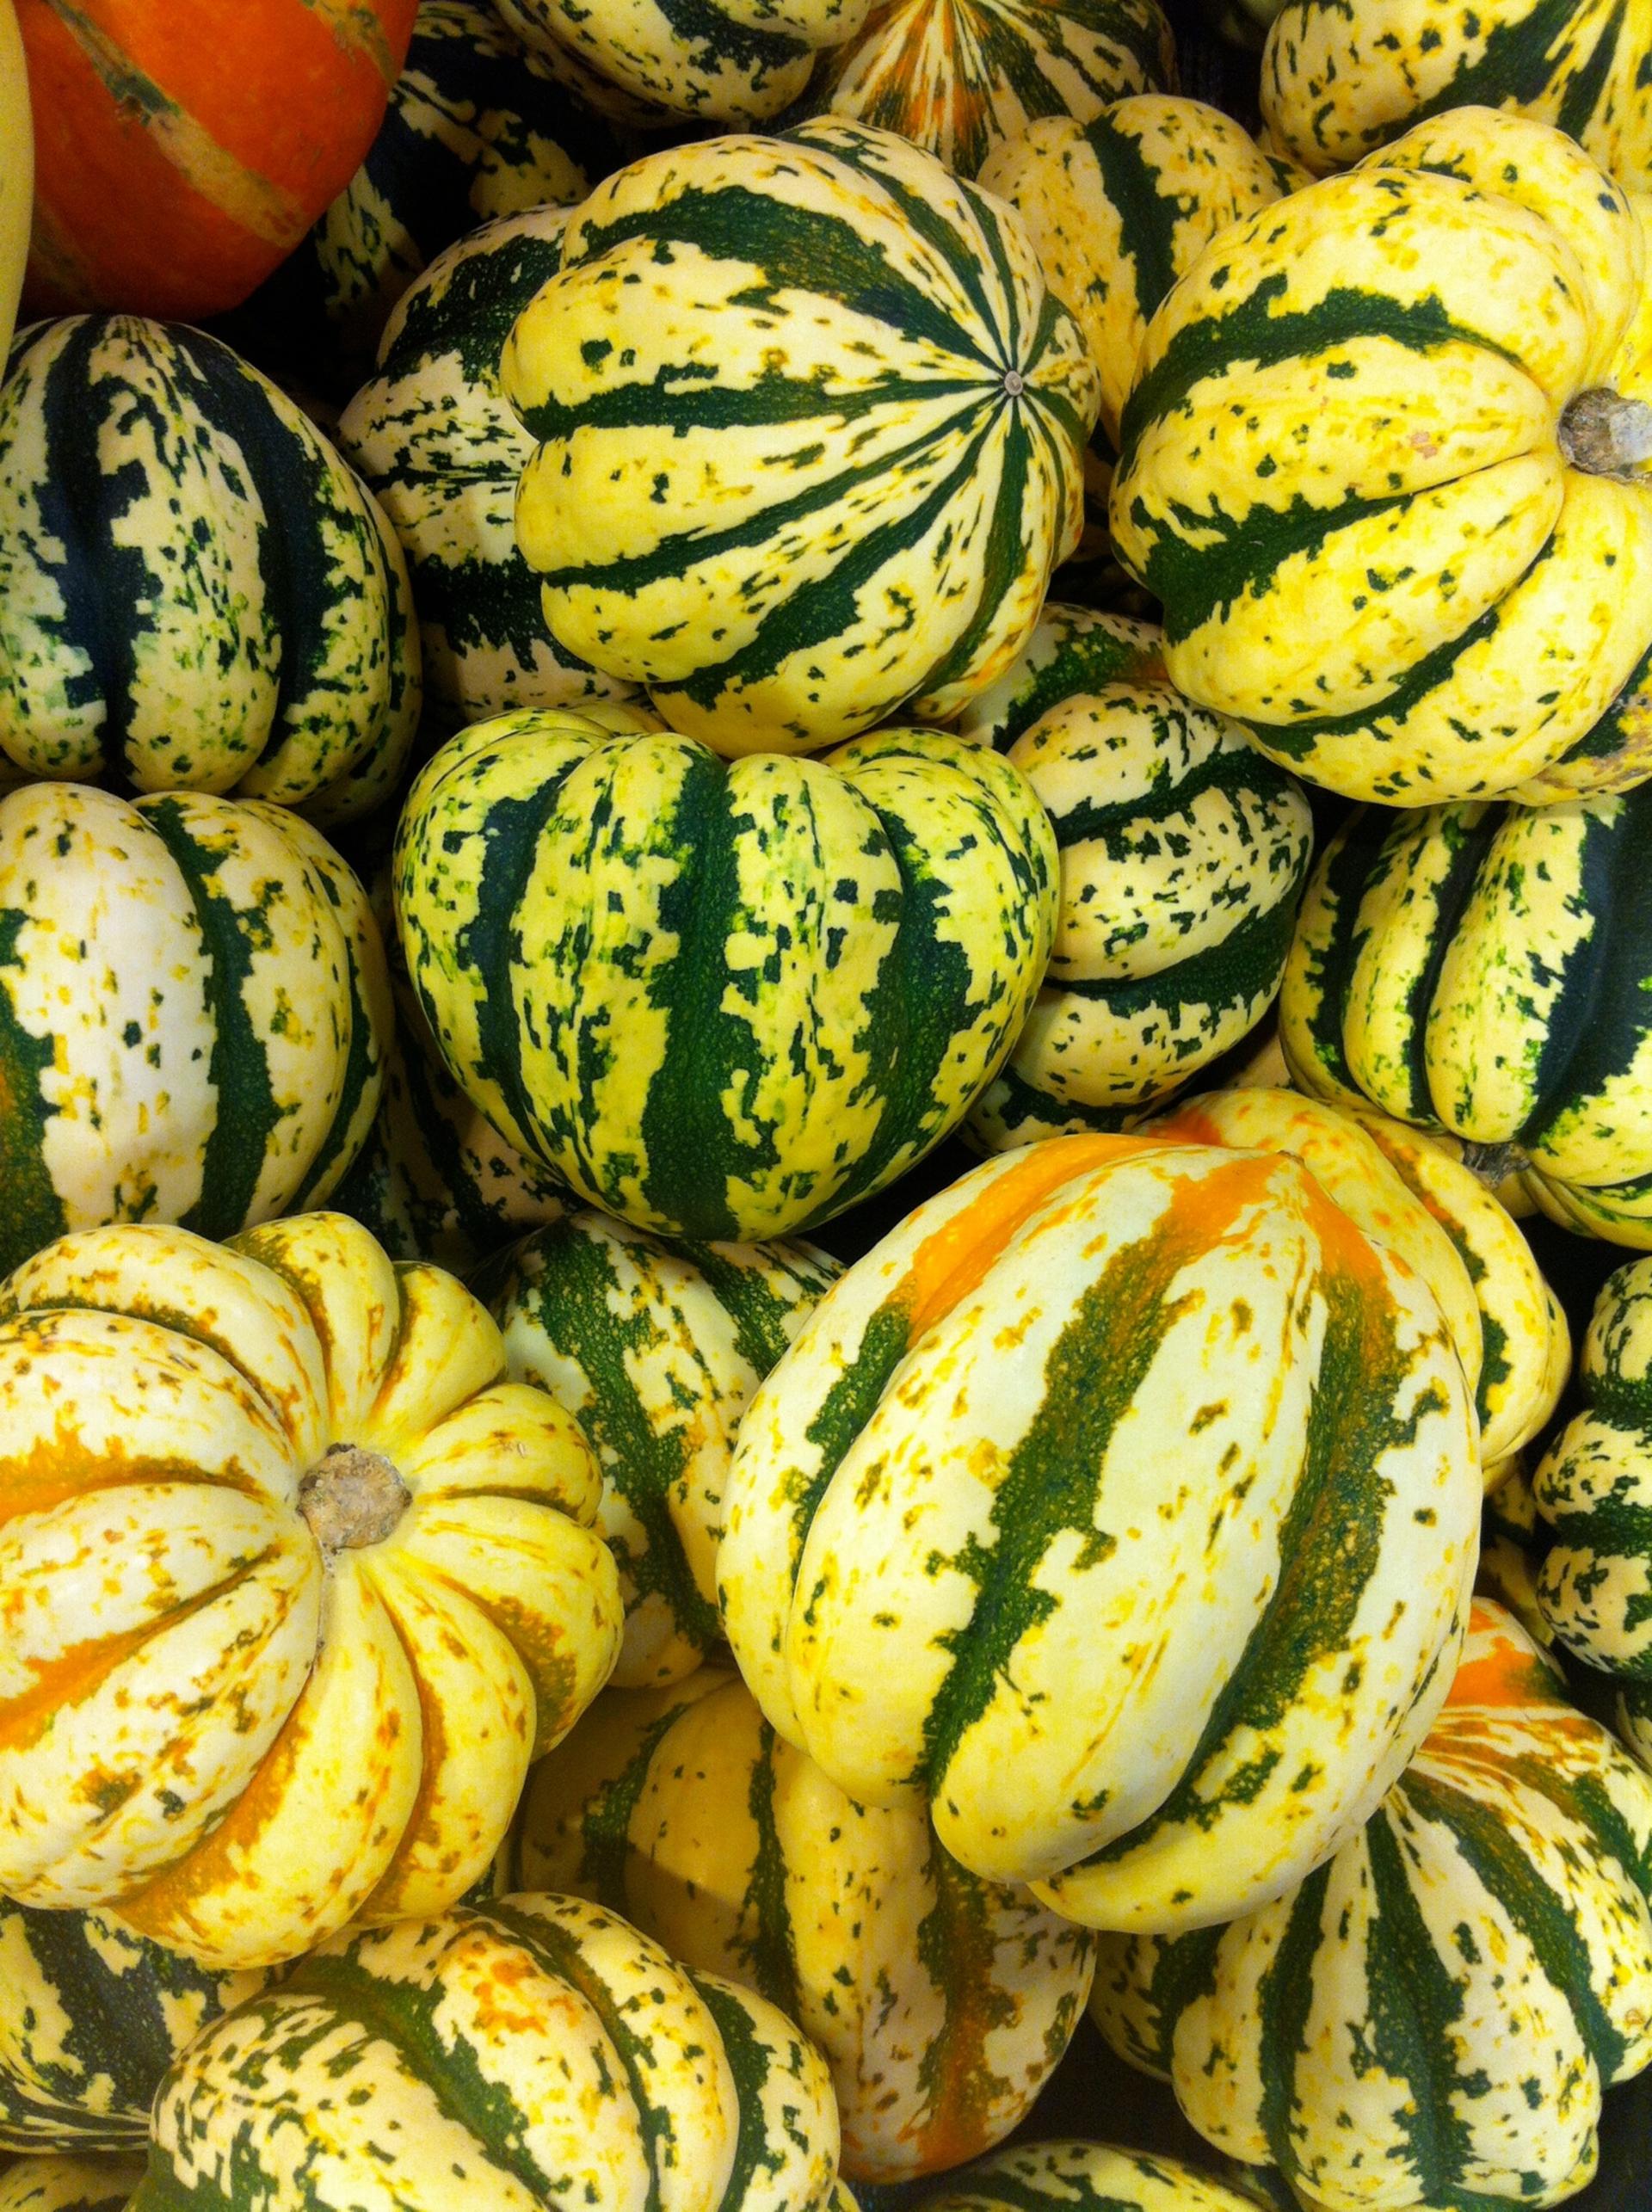 Squash and pumpkins during the autumn season.